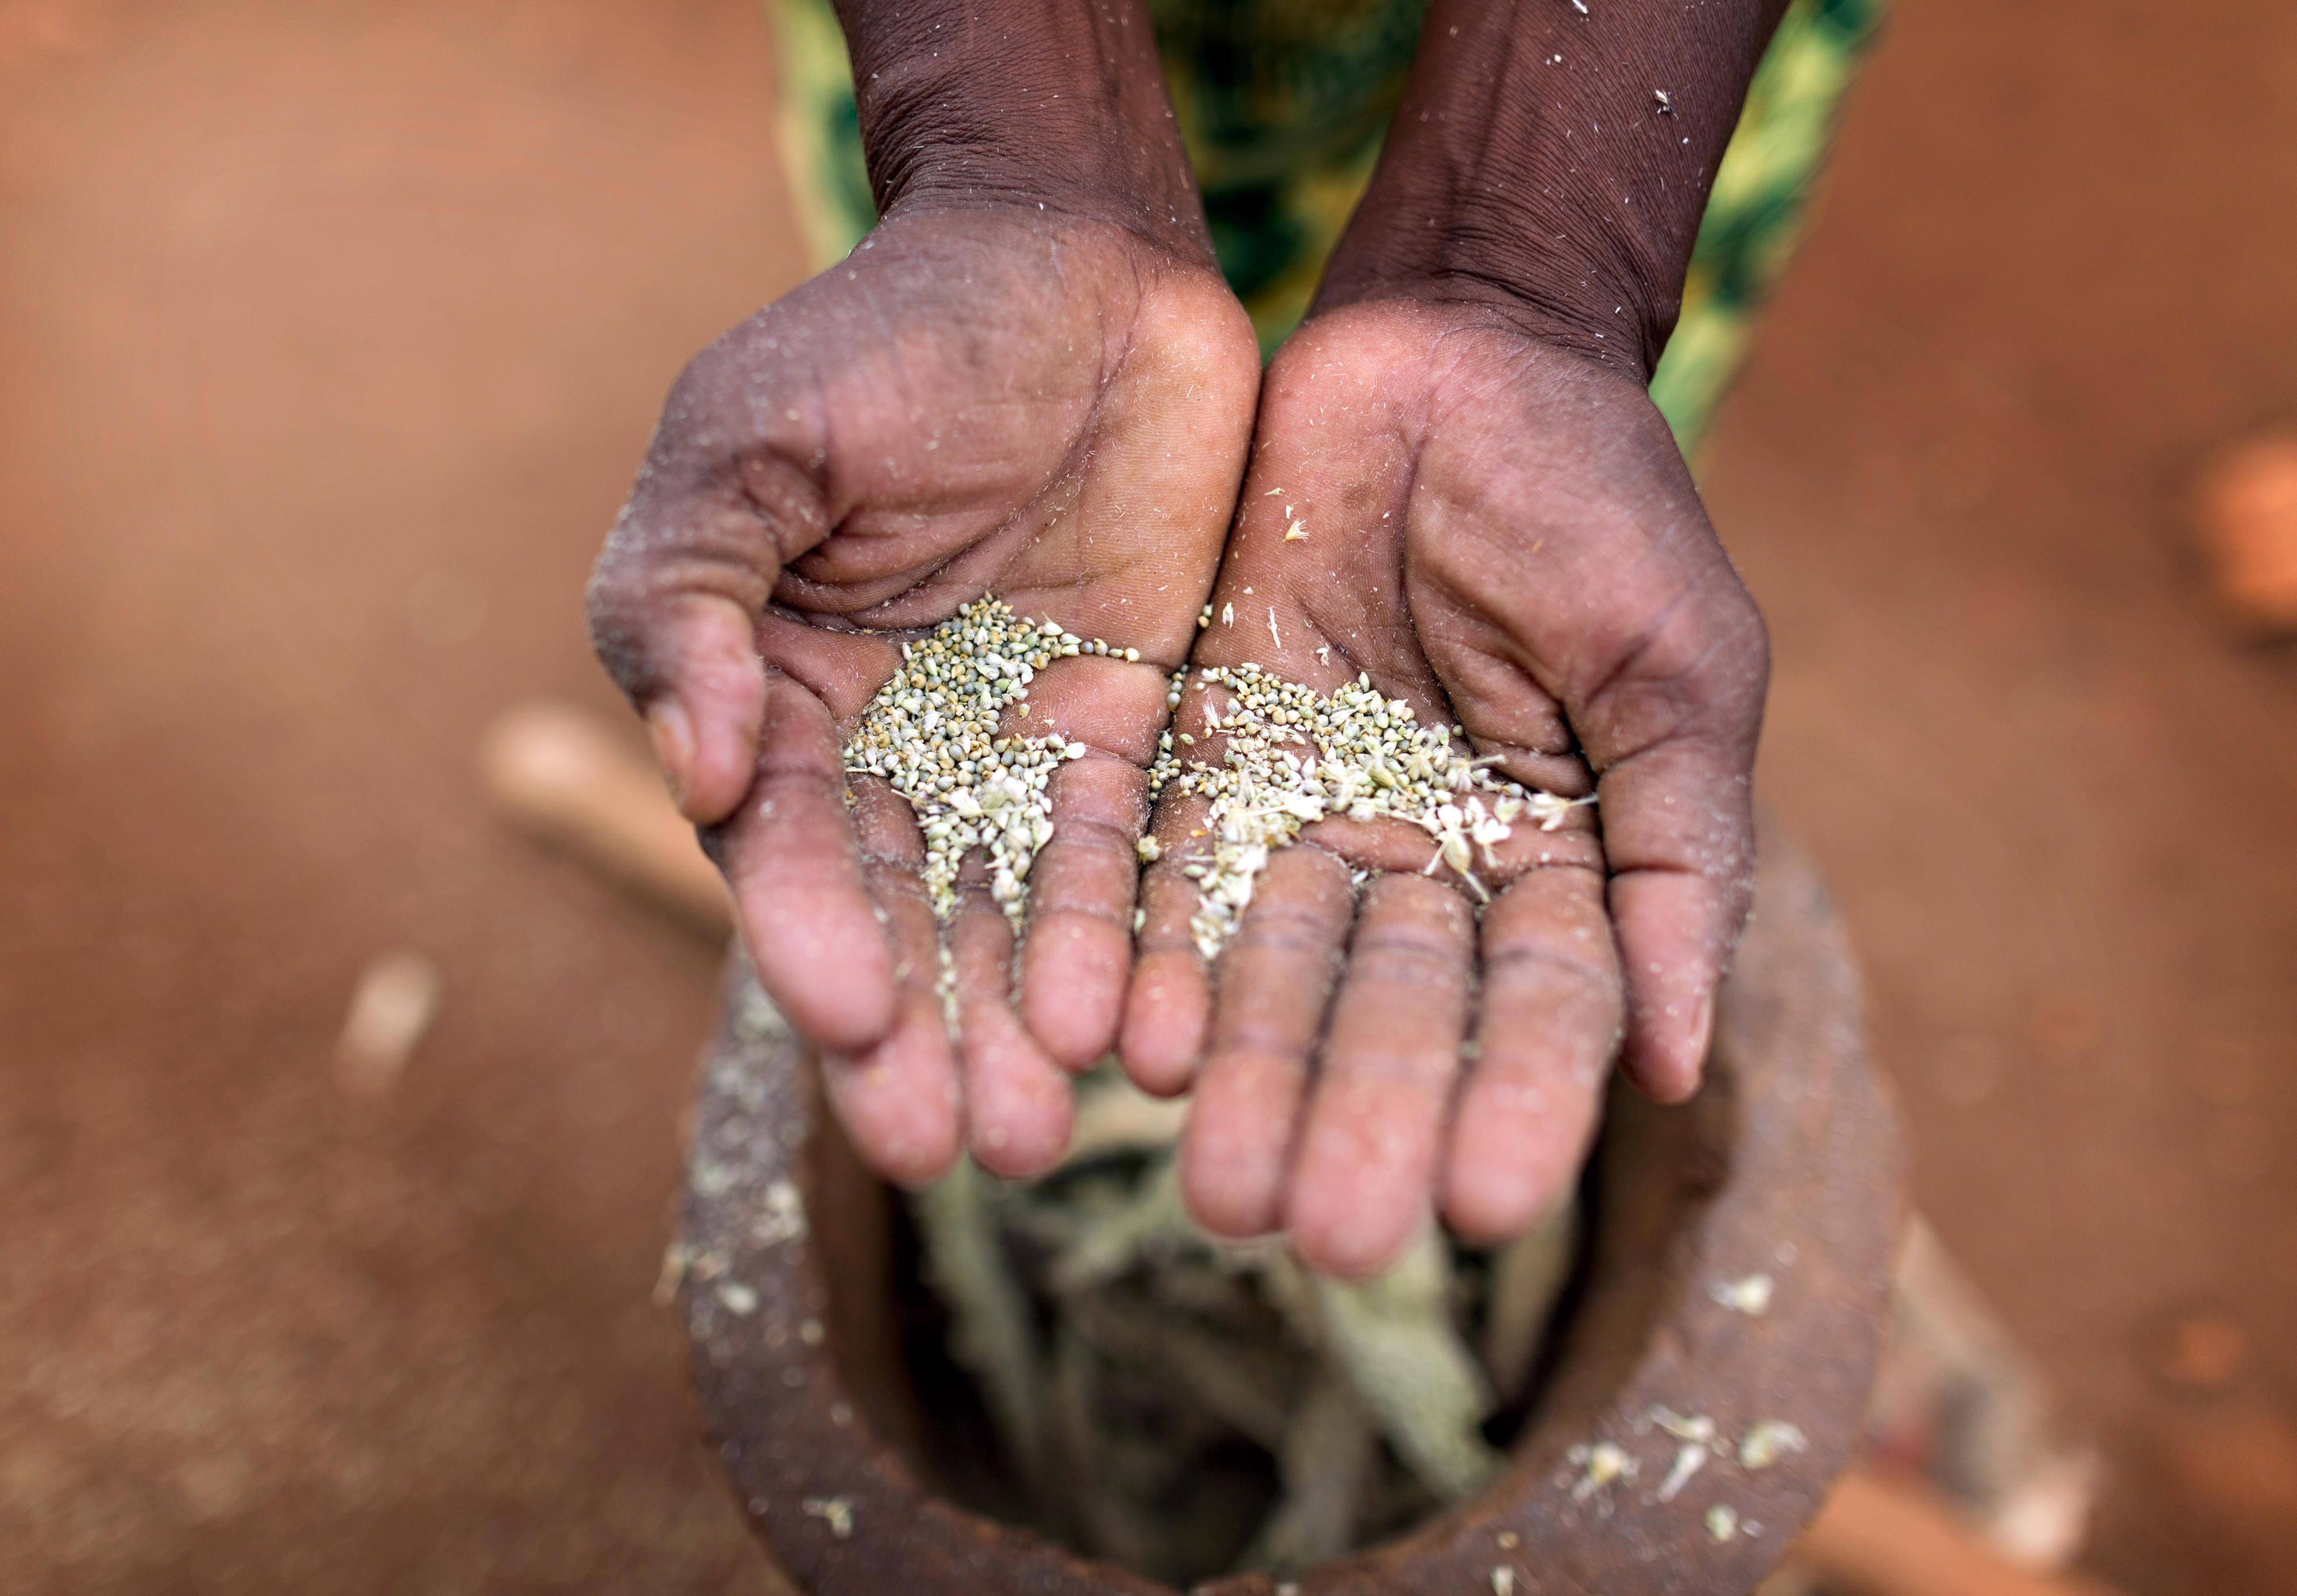 Eine Frau zeigt das Ergebnis nach dem Stampfen von Hirse auf einer kleinen Bauernfarm in Ishiara, Kenia.